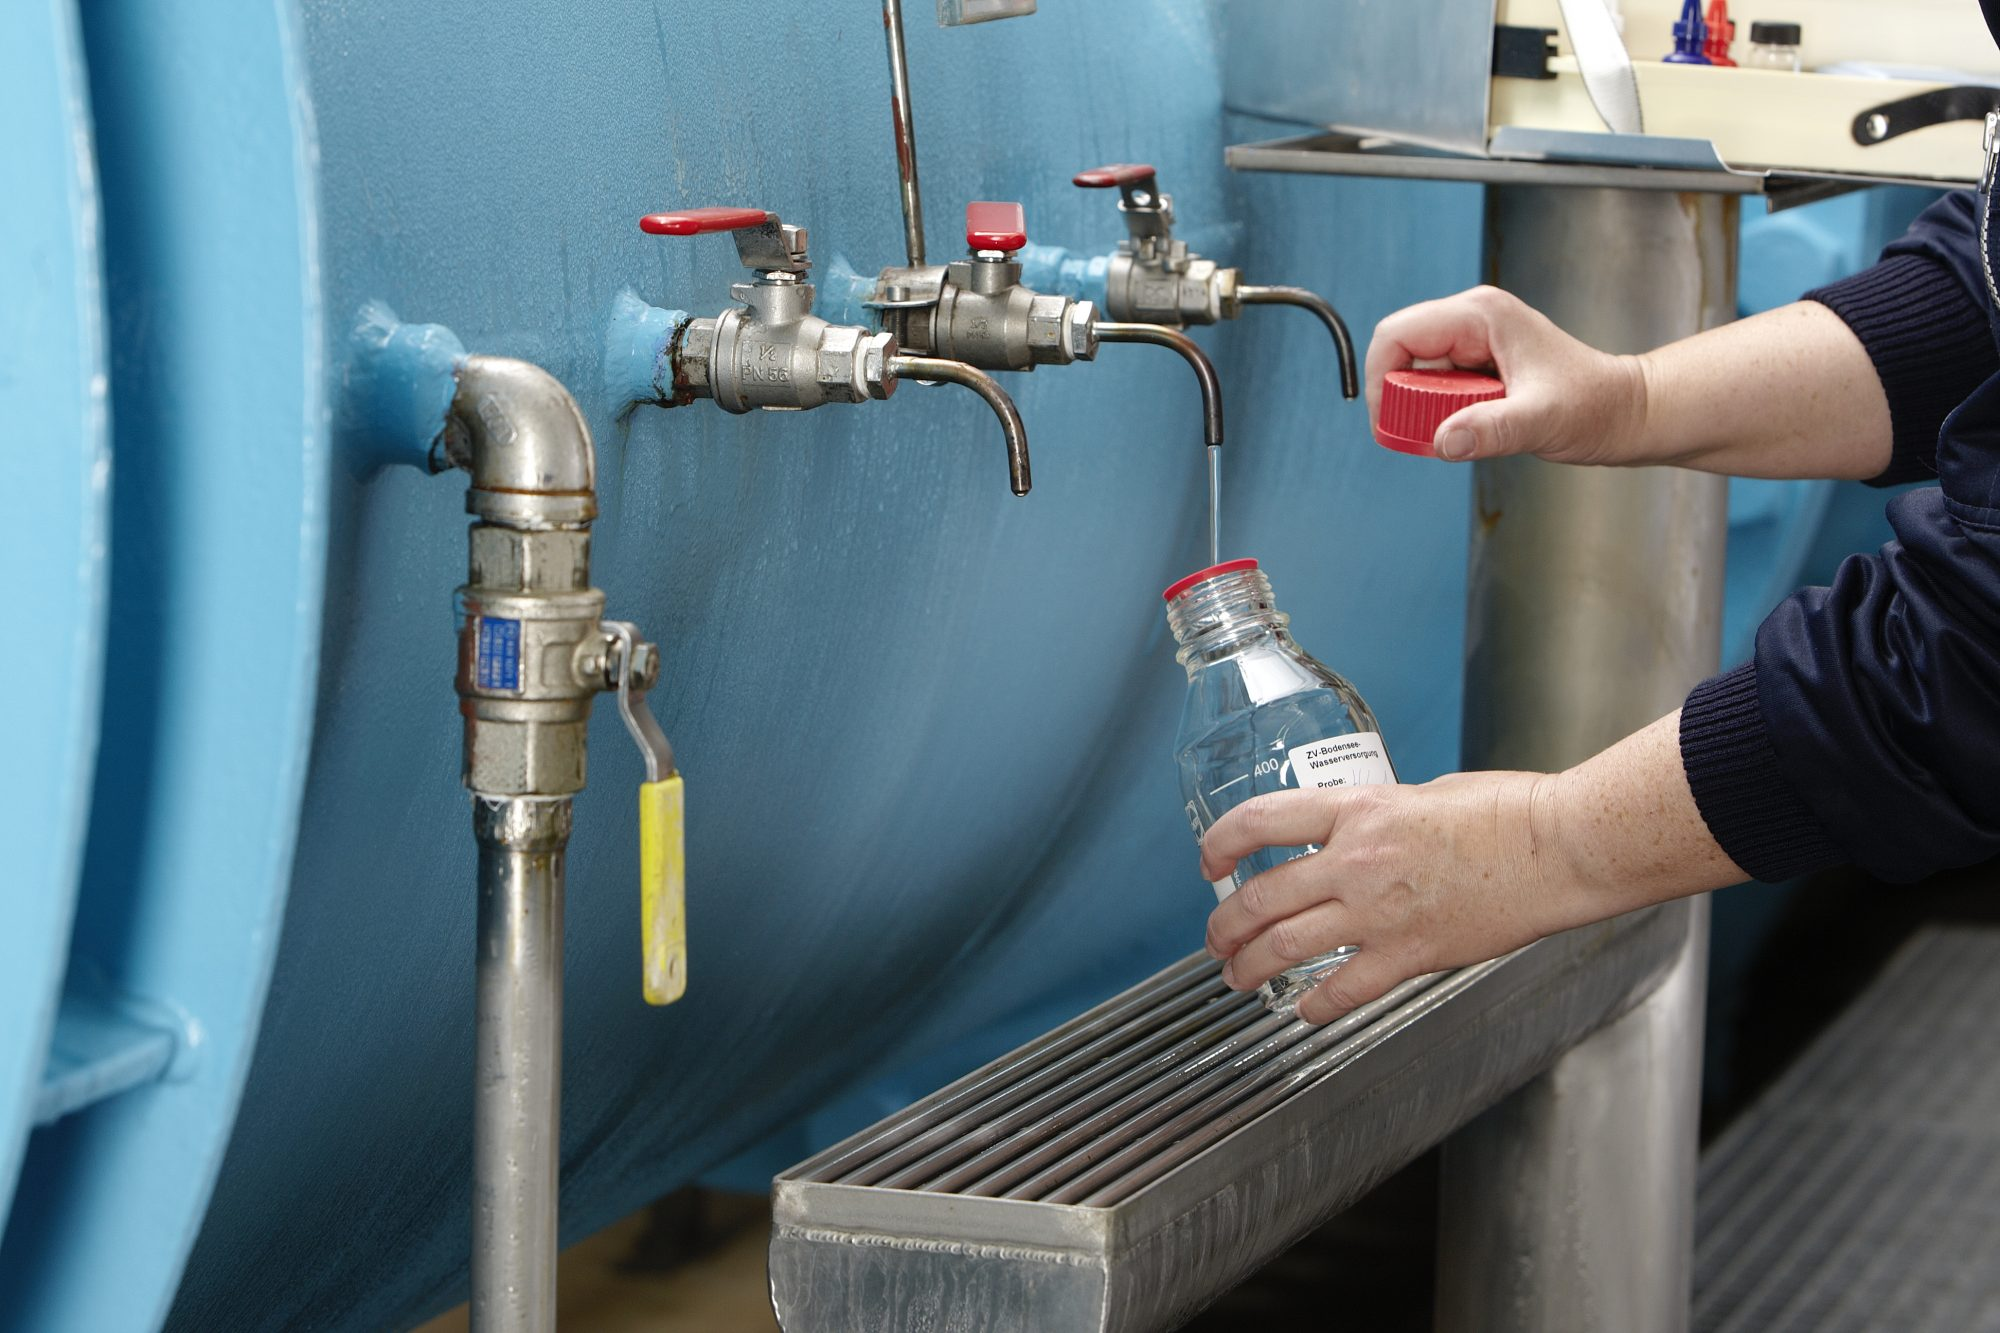 Das Bild zeit Hände im Bildrand, die aus einem Wassertank mit mehreren Hähnen eine Probe entnehmen.